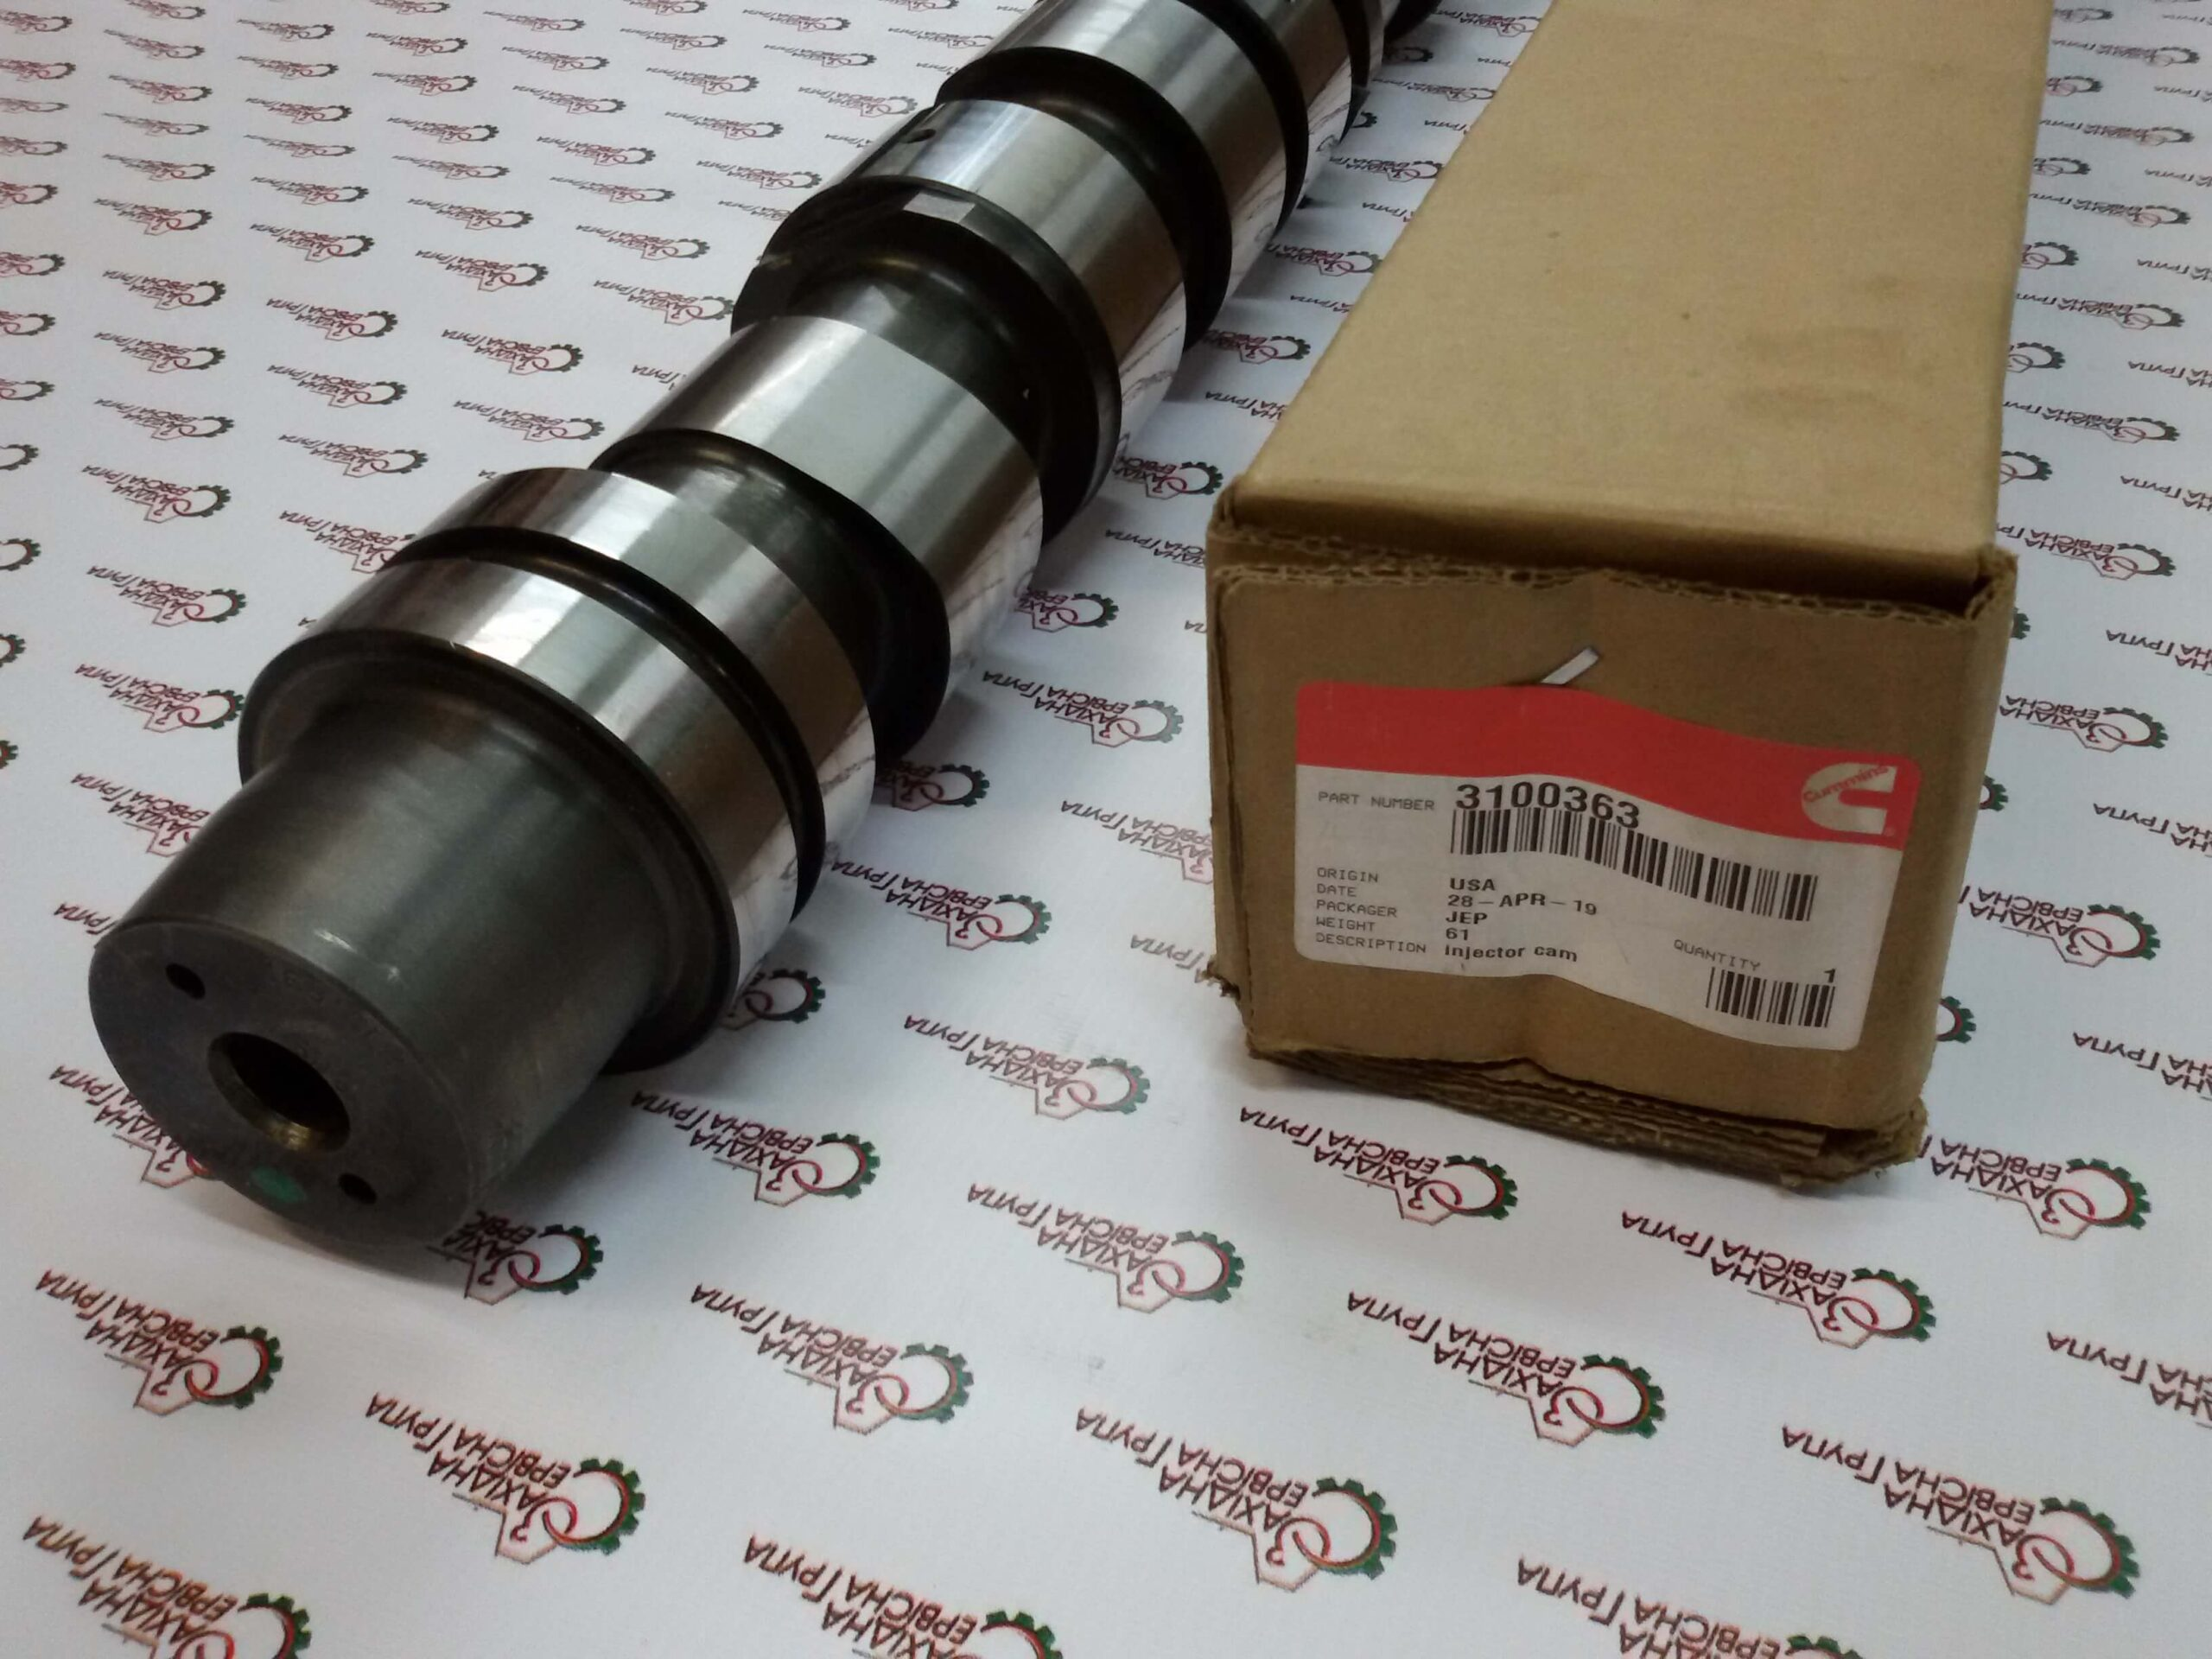 Вал распределительный топливных форсунок двигателя Cummins ISX15, QSX15, 3100363, 3100788.